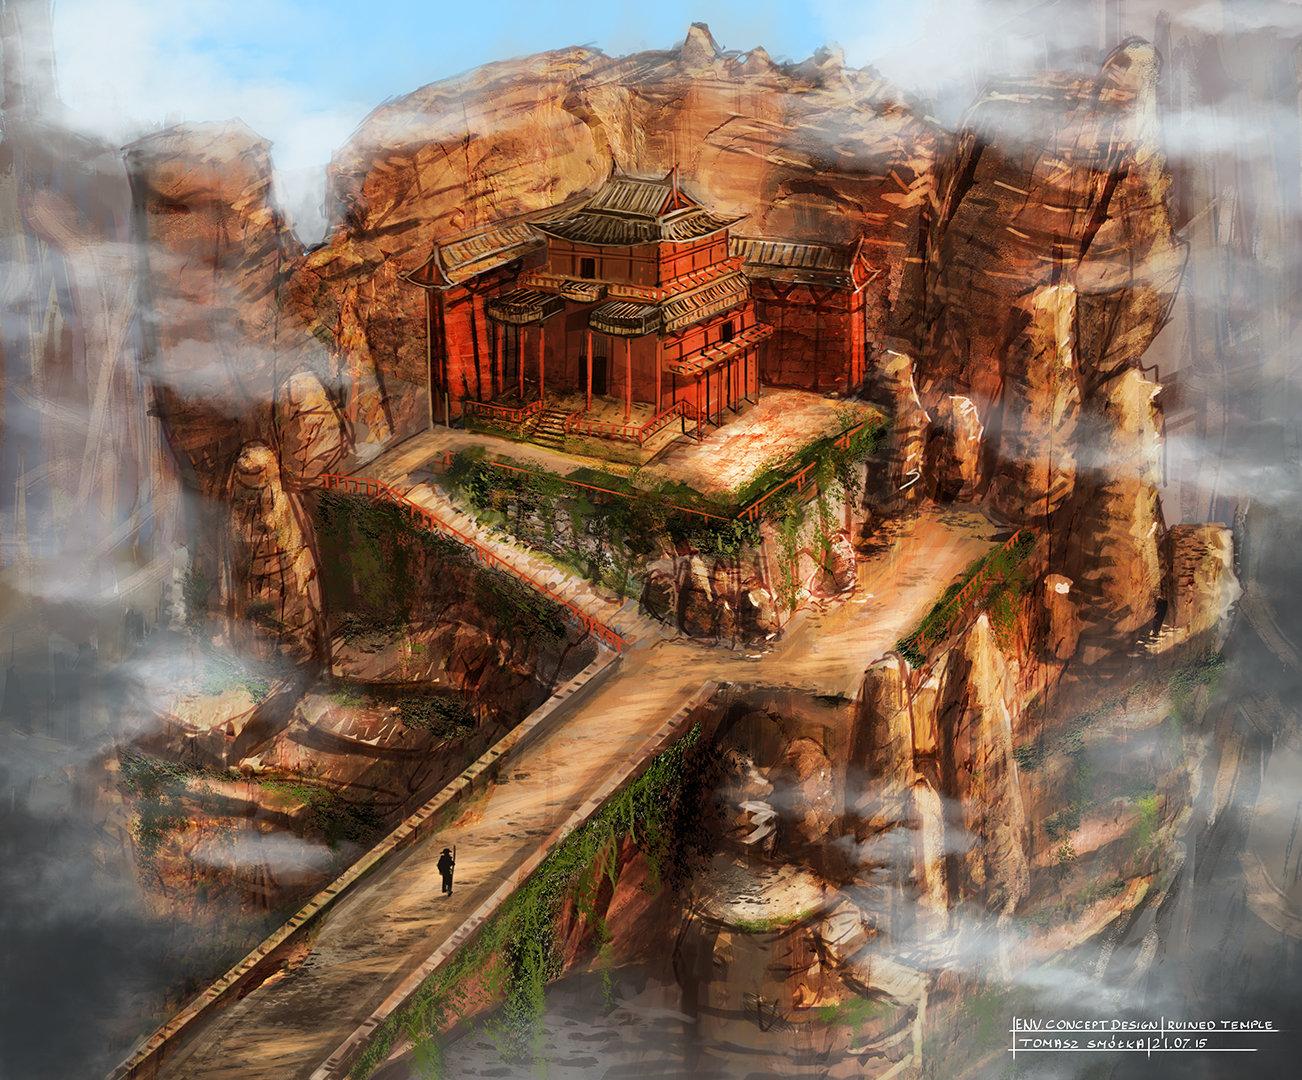 Tomasz smolka env design templeruins final a